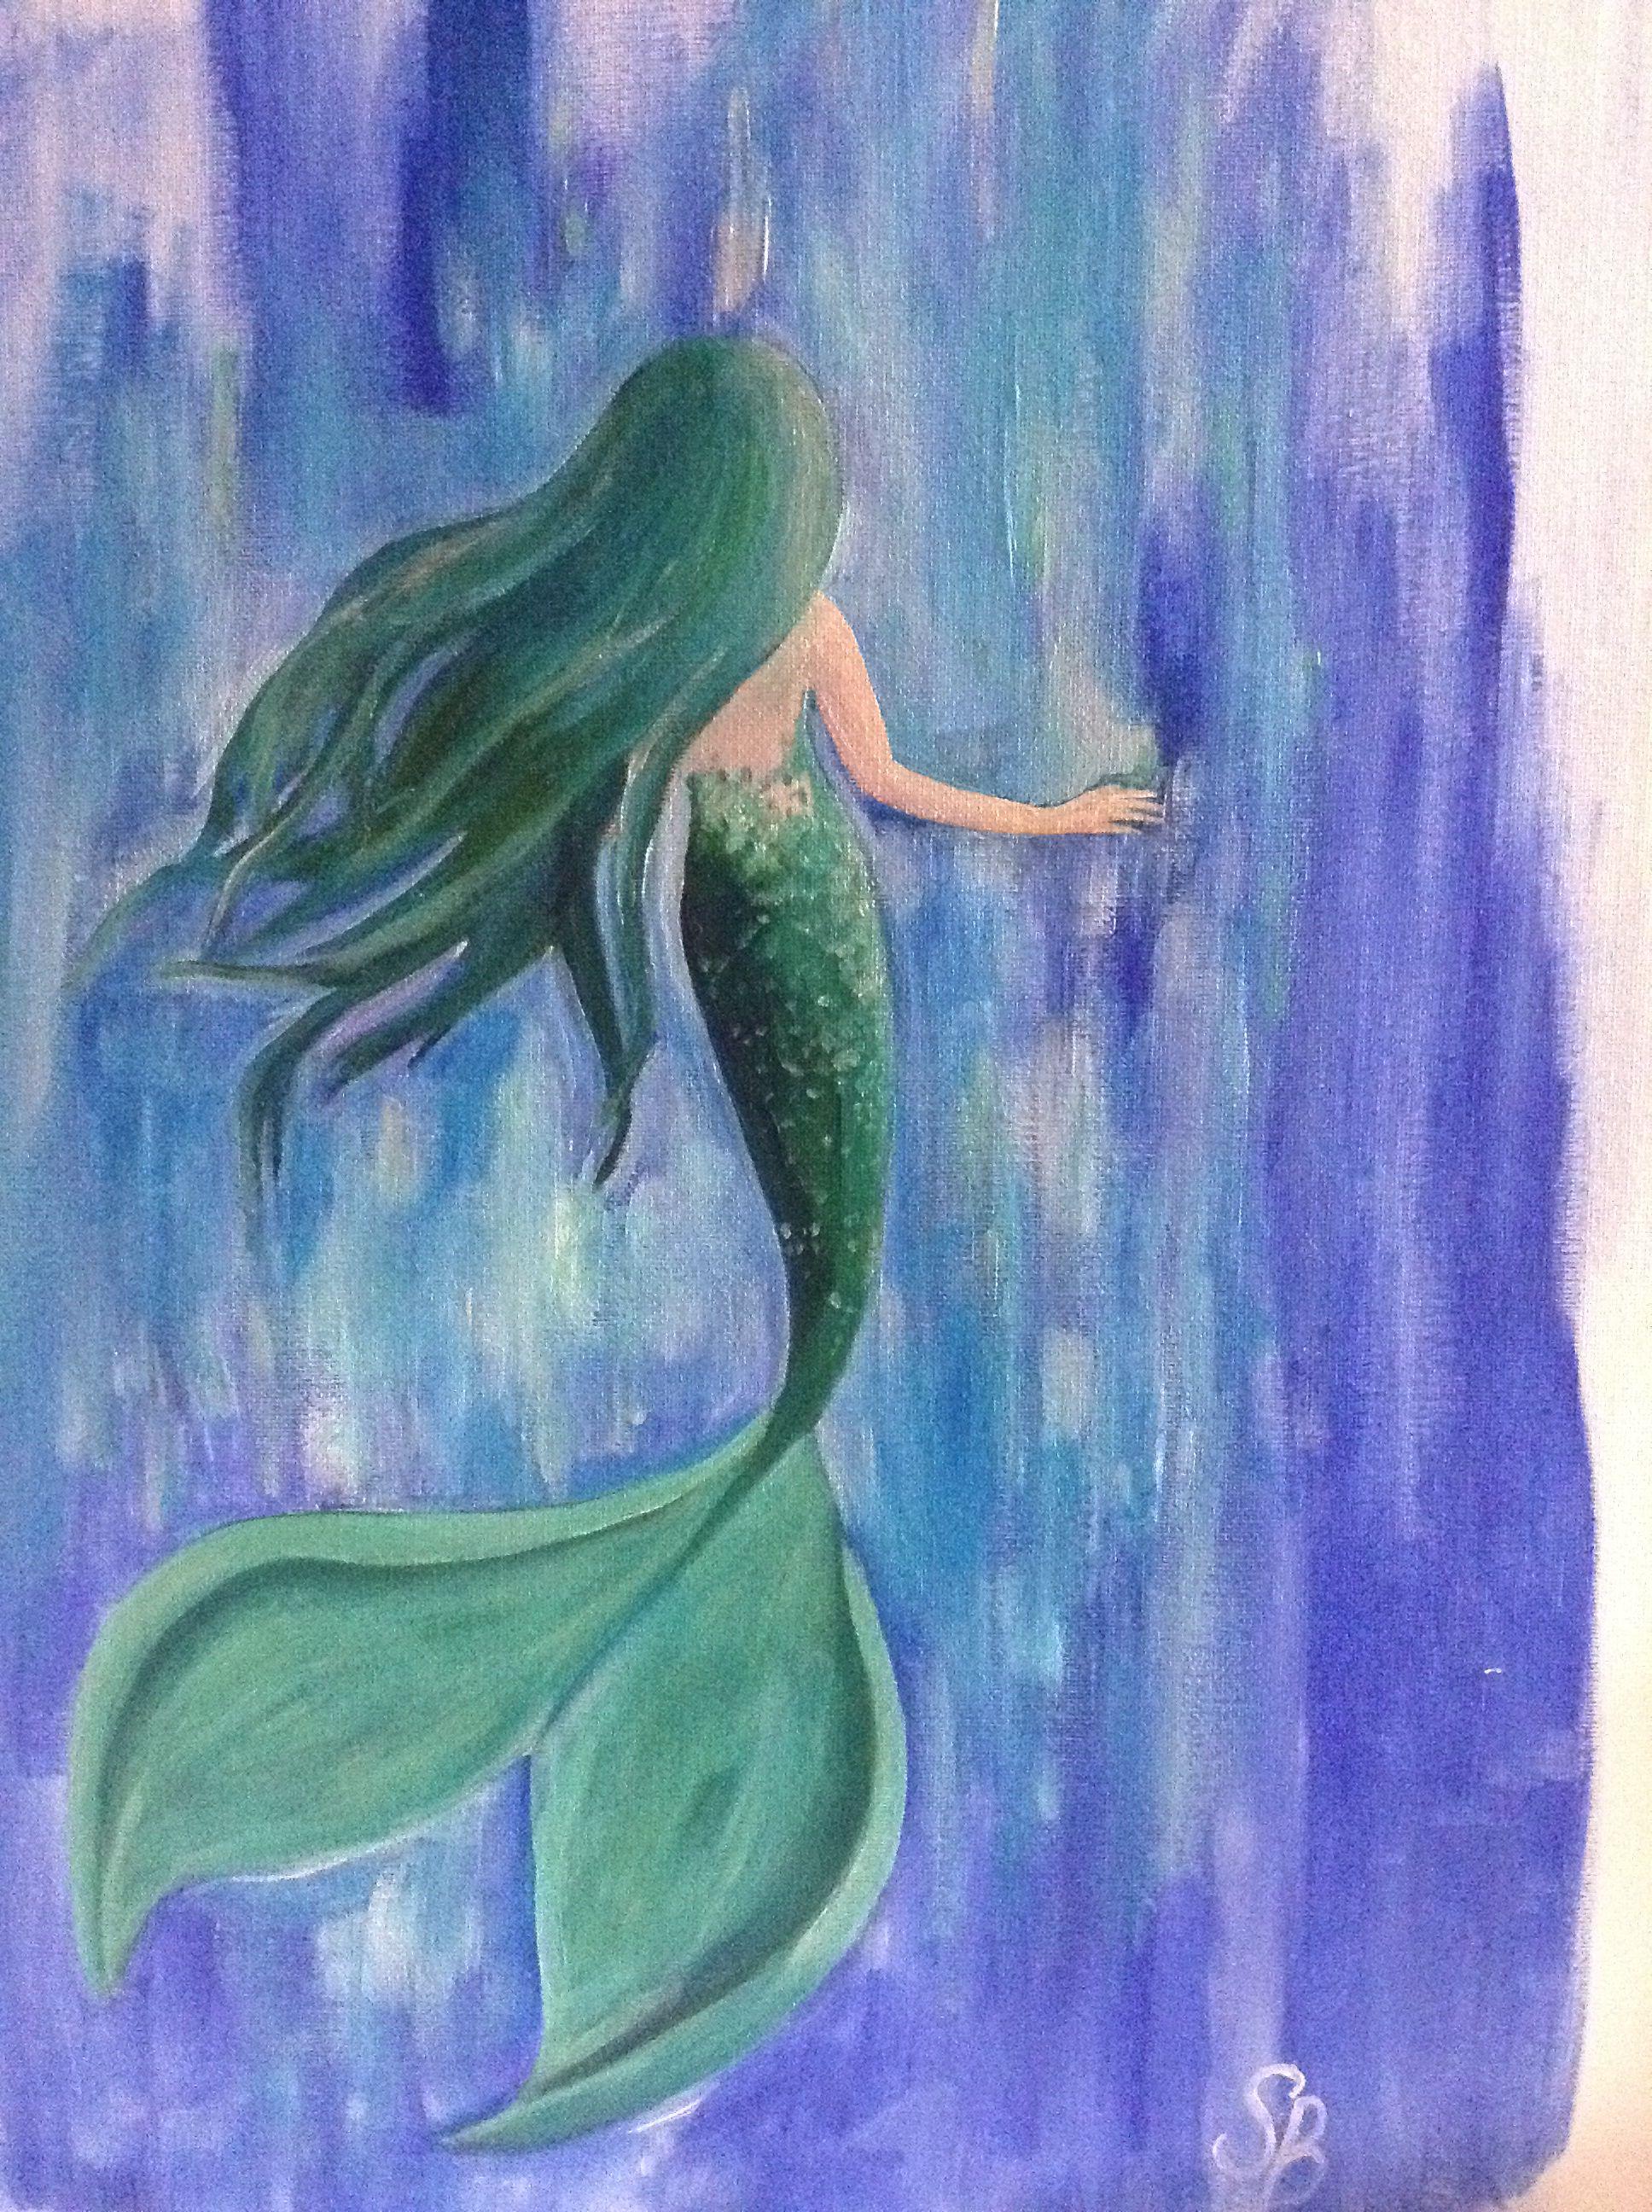 Mermaid Acrylic Painting Mermaid Paintings Canvas Mermaid Painting Mermaid Paintings Acrylic